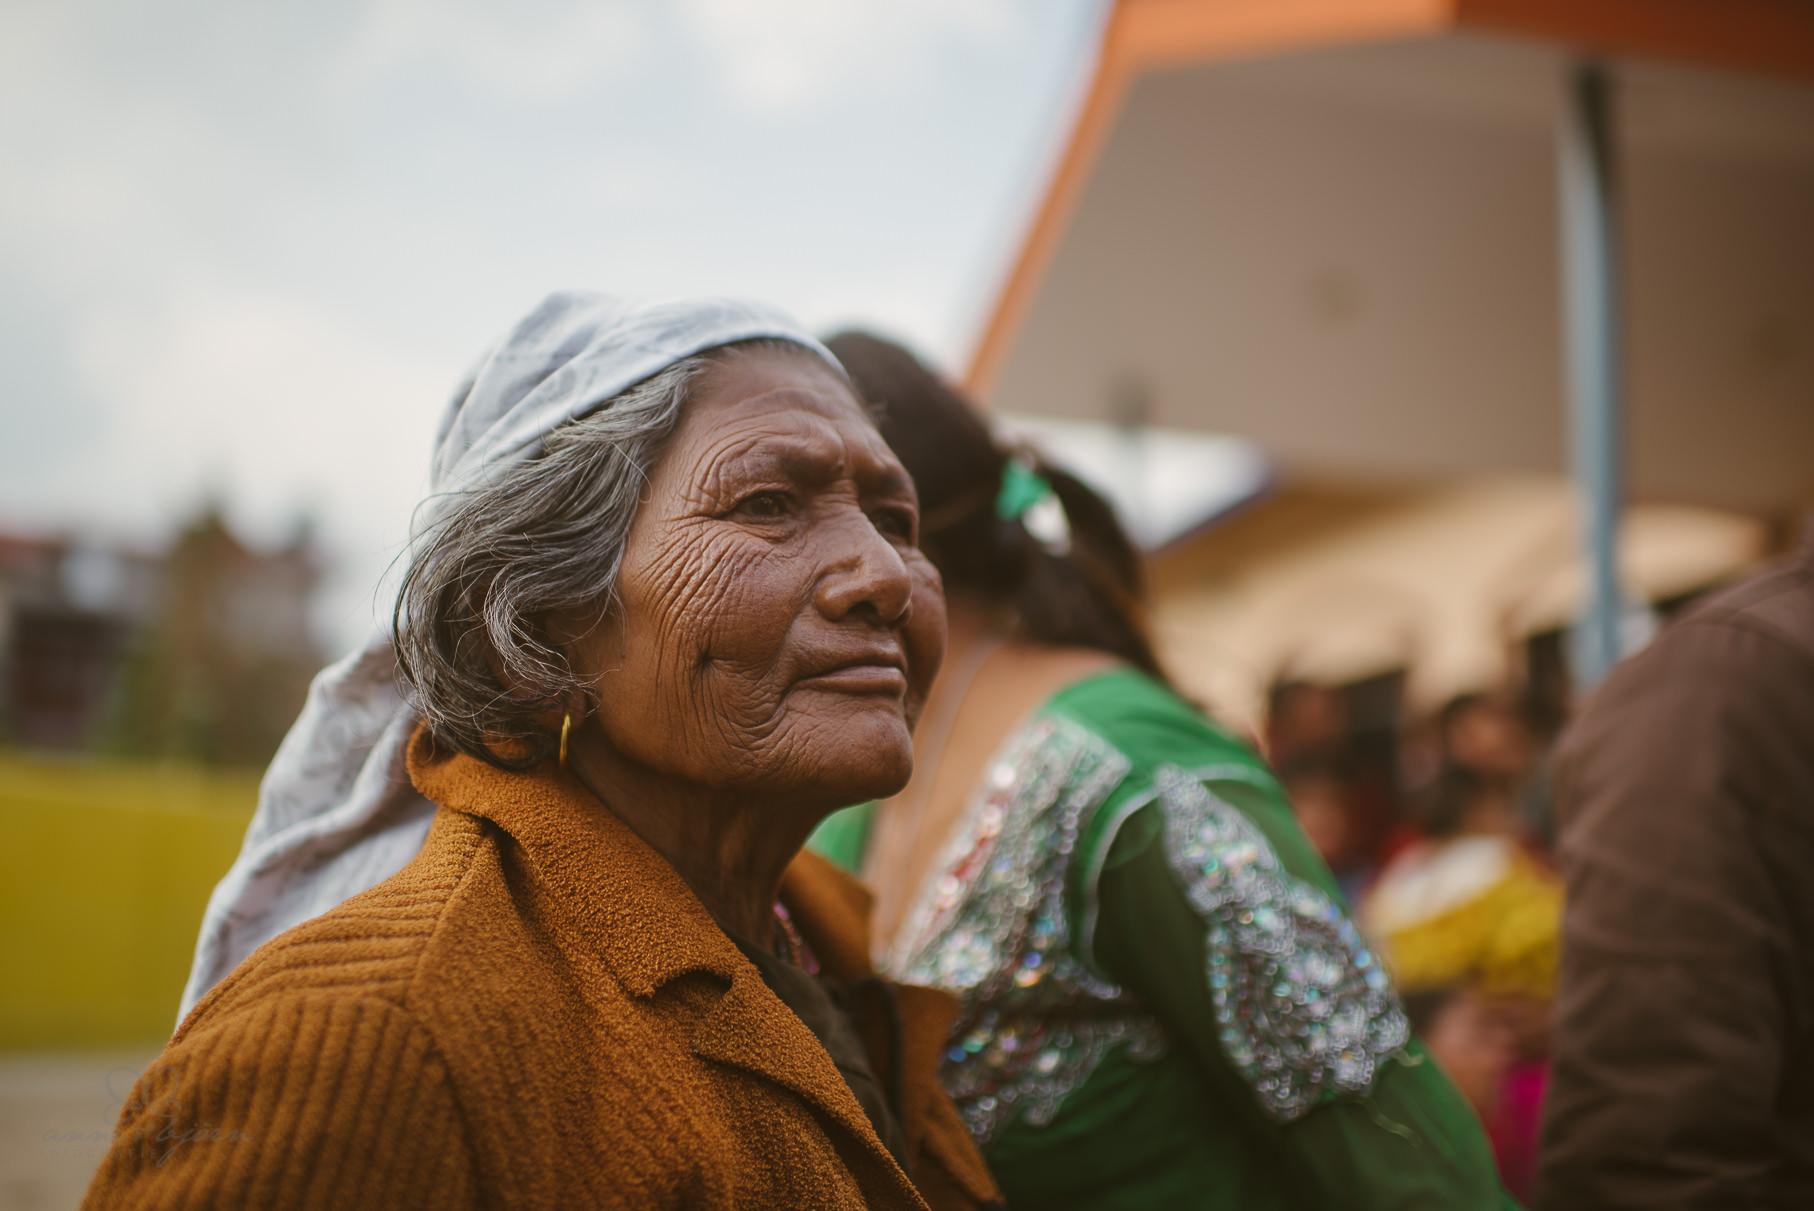 0036 anne und bjoern chitwan nationalpark nepal d75 3854 2 - Nepal Teil 3 - Roadtrip, Chitwan Nationalpark und eine spontane Hochzeit